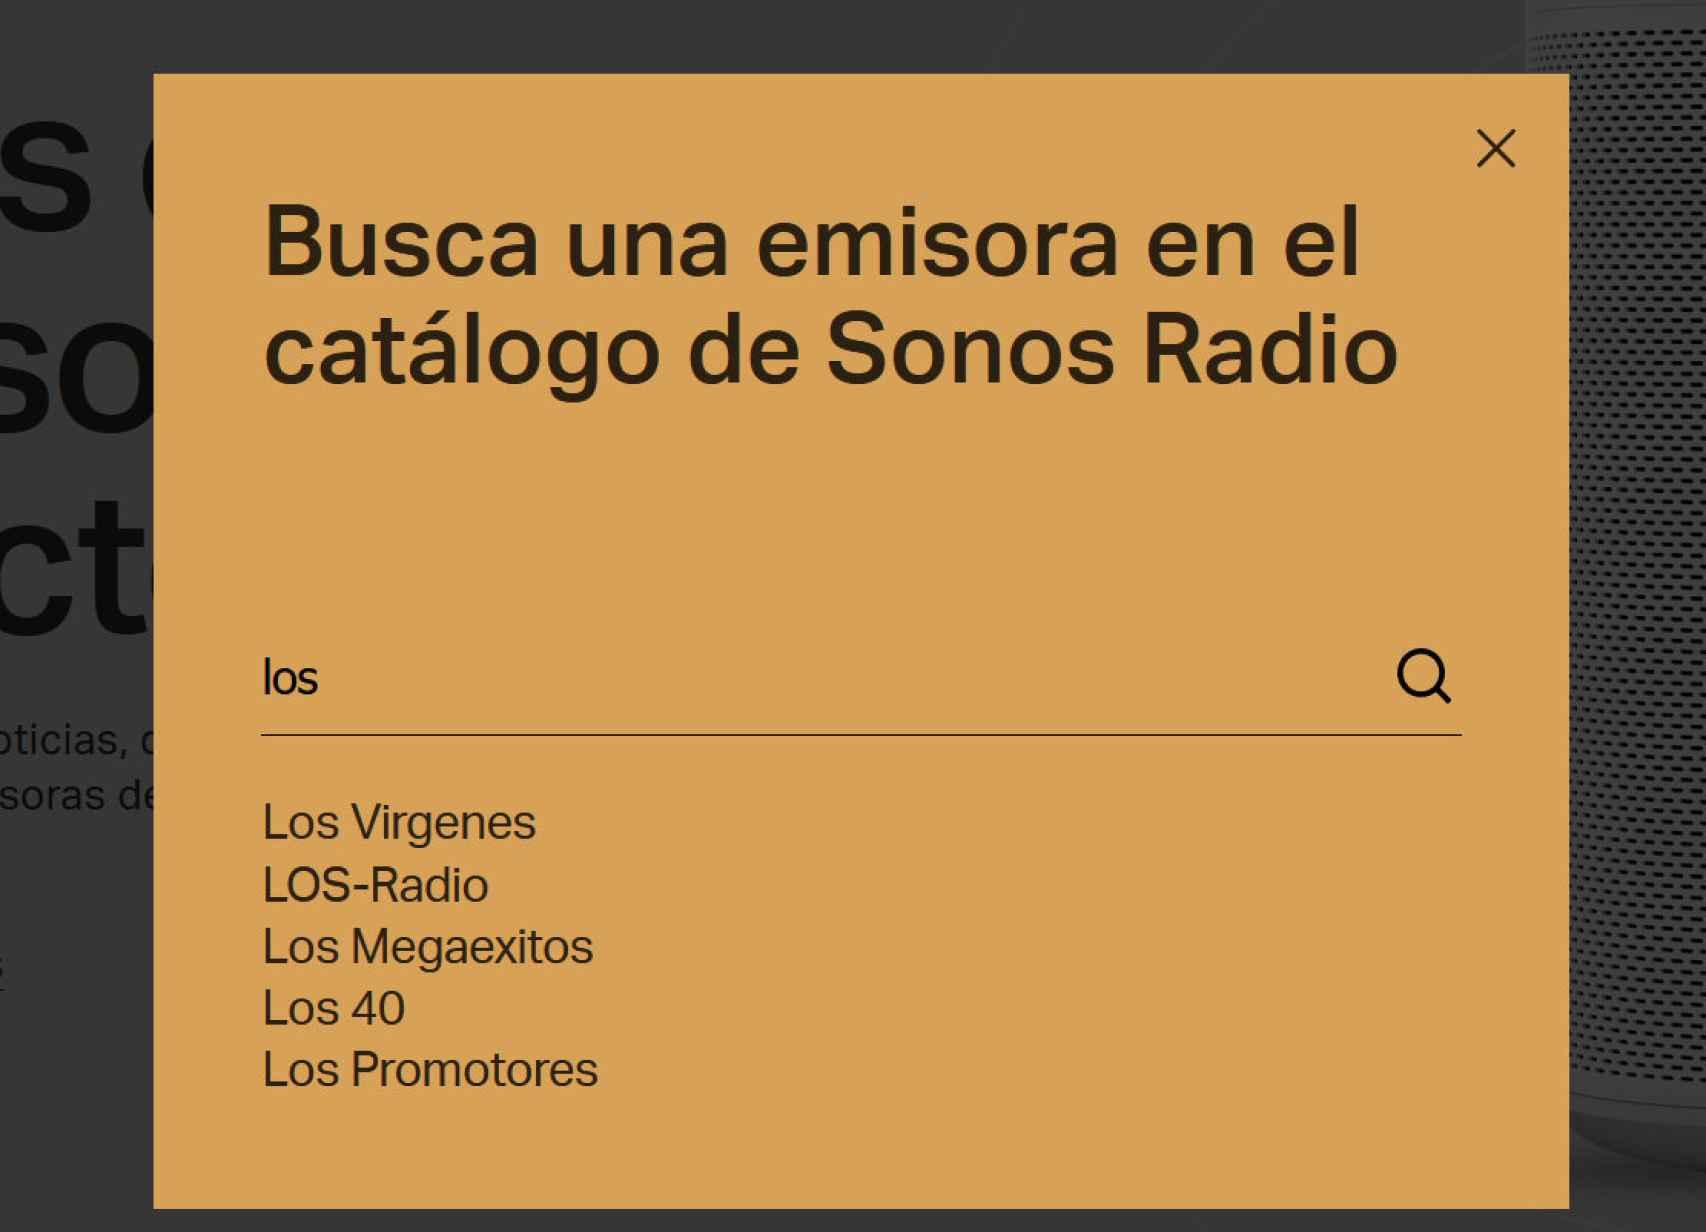 Sonos Radio permite acceso a las emisoras más famosas y las menos conocidas